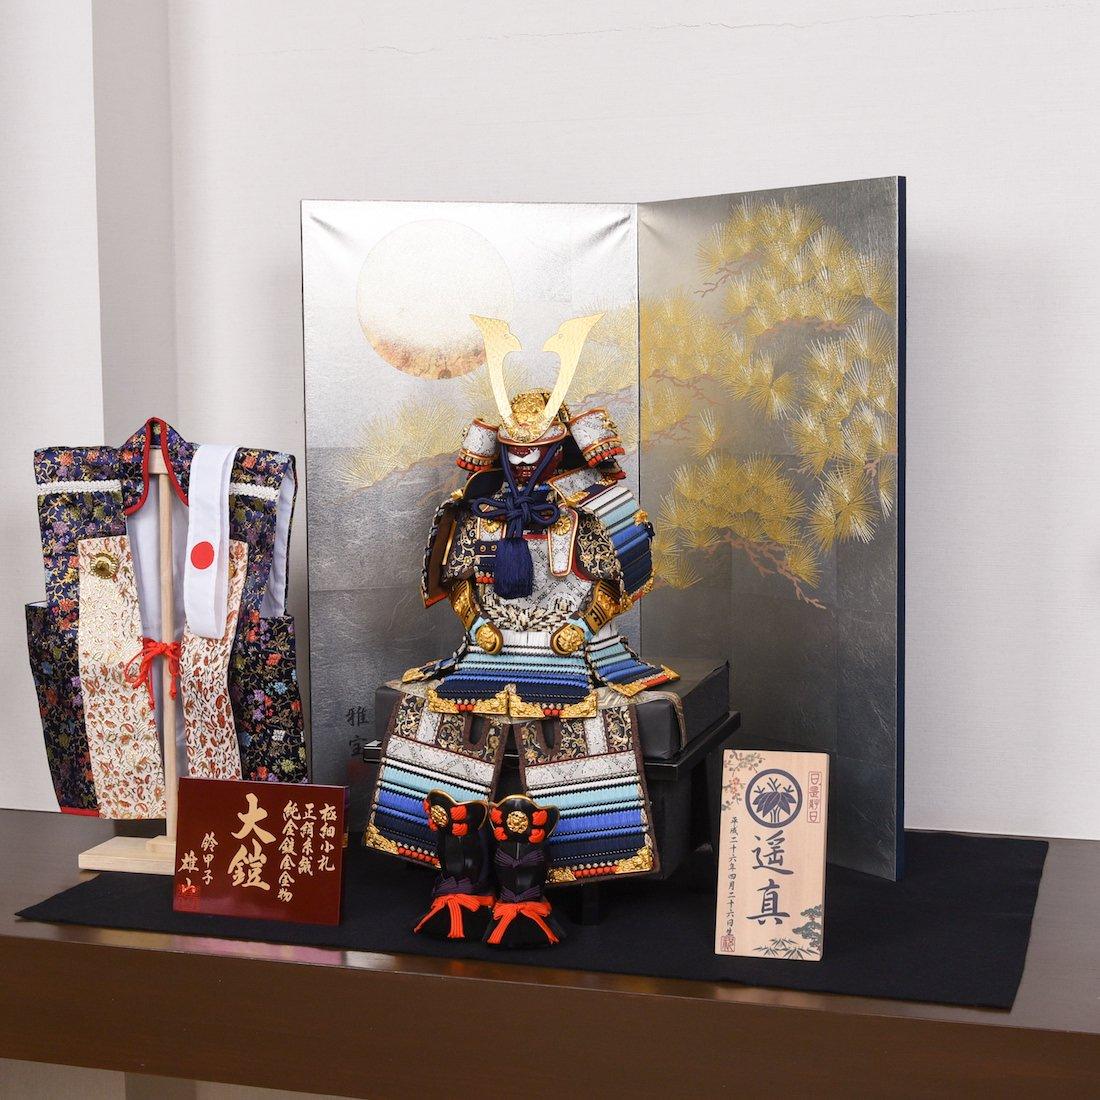 鎧飾り 7号 藍裾濃大鎧 鈴甲子雄山作